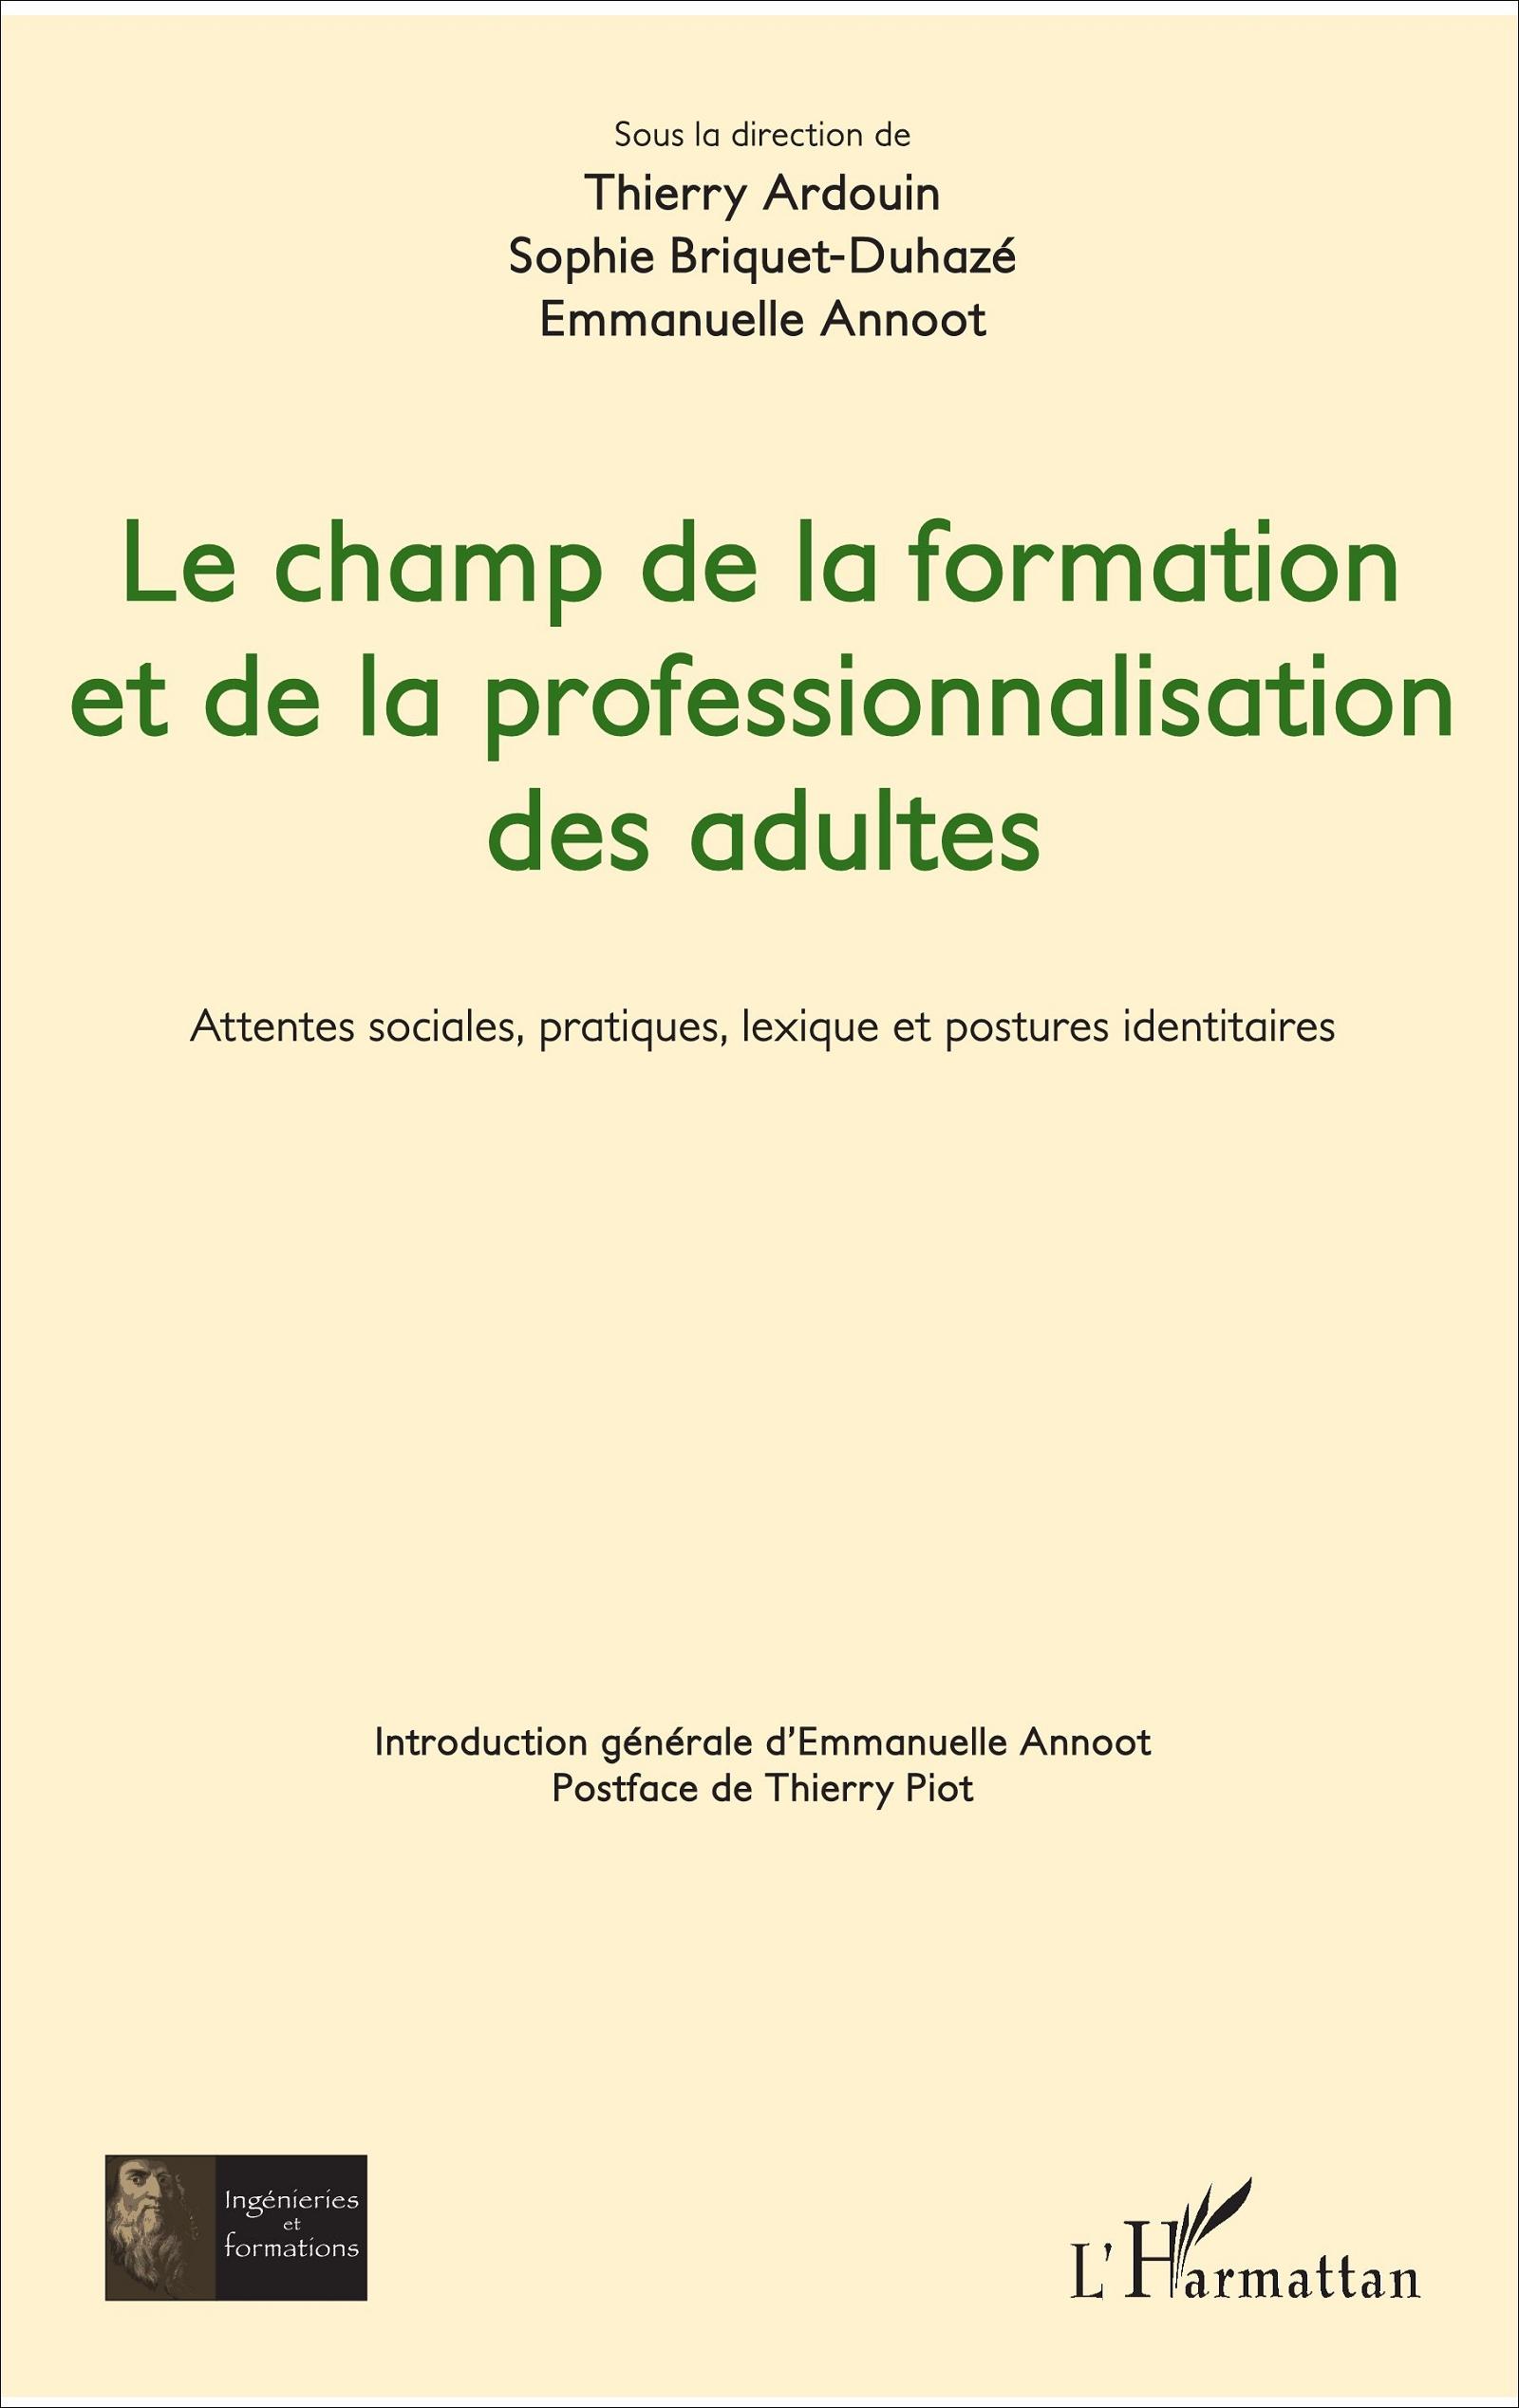 Vignette document Le  champ de la formation et de la professionnalisation des adultes. Attentes sociales, pratiques, lexique et postures identitaires